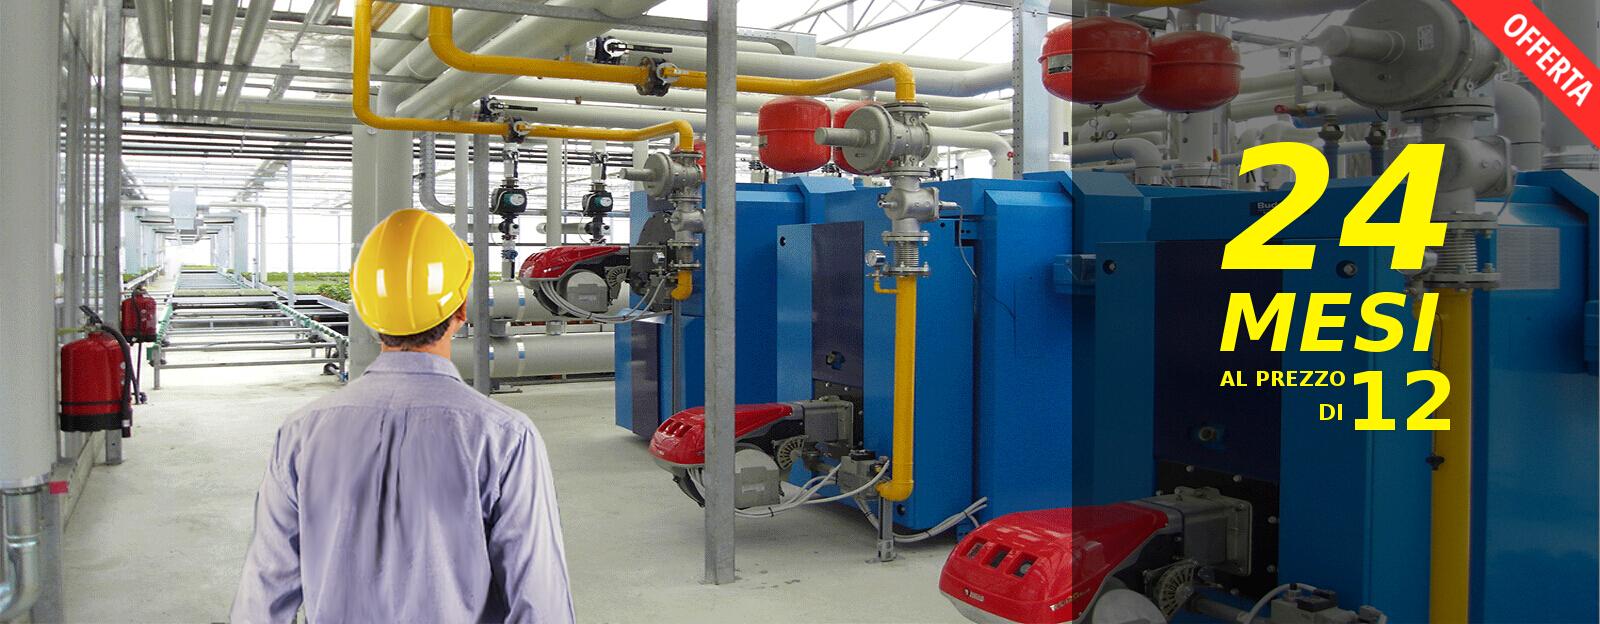 Manutenzione centrale termica roma